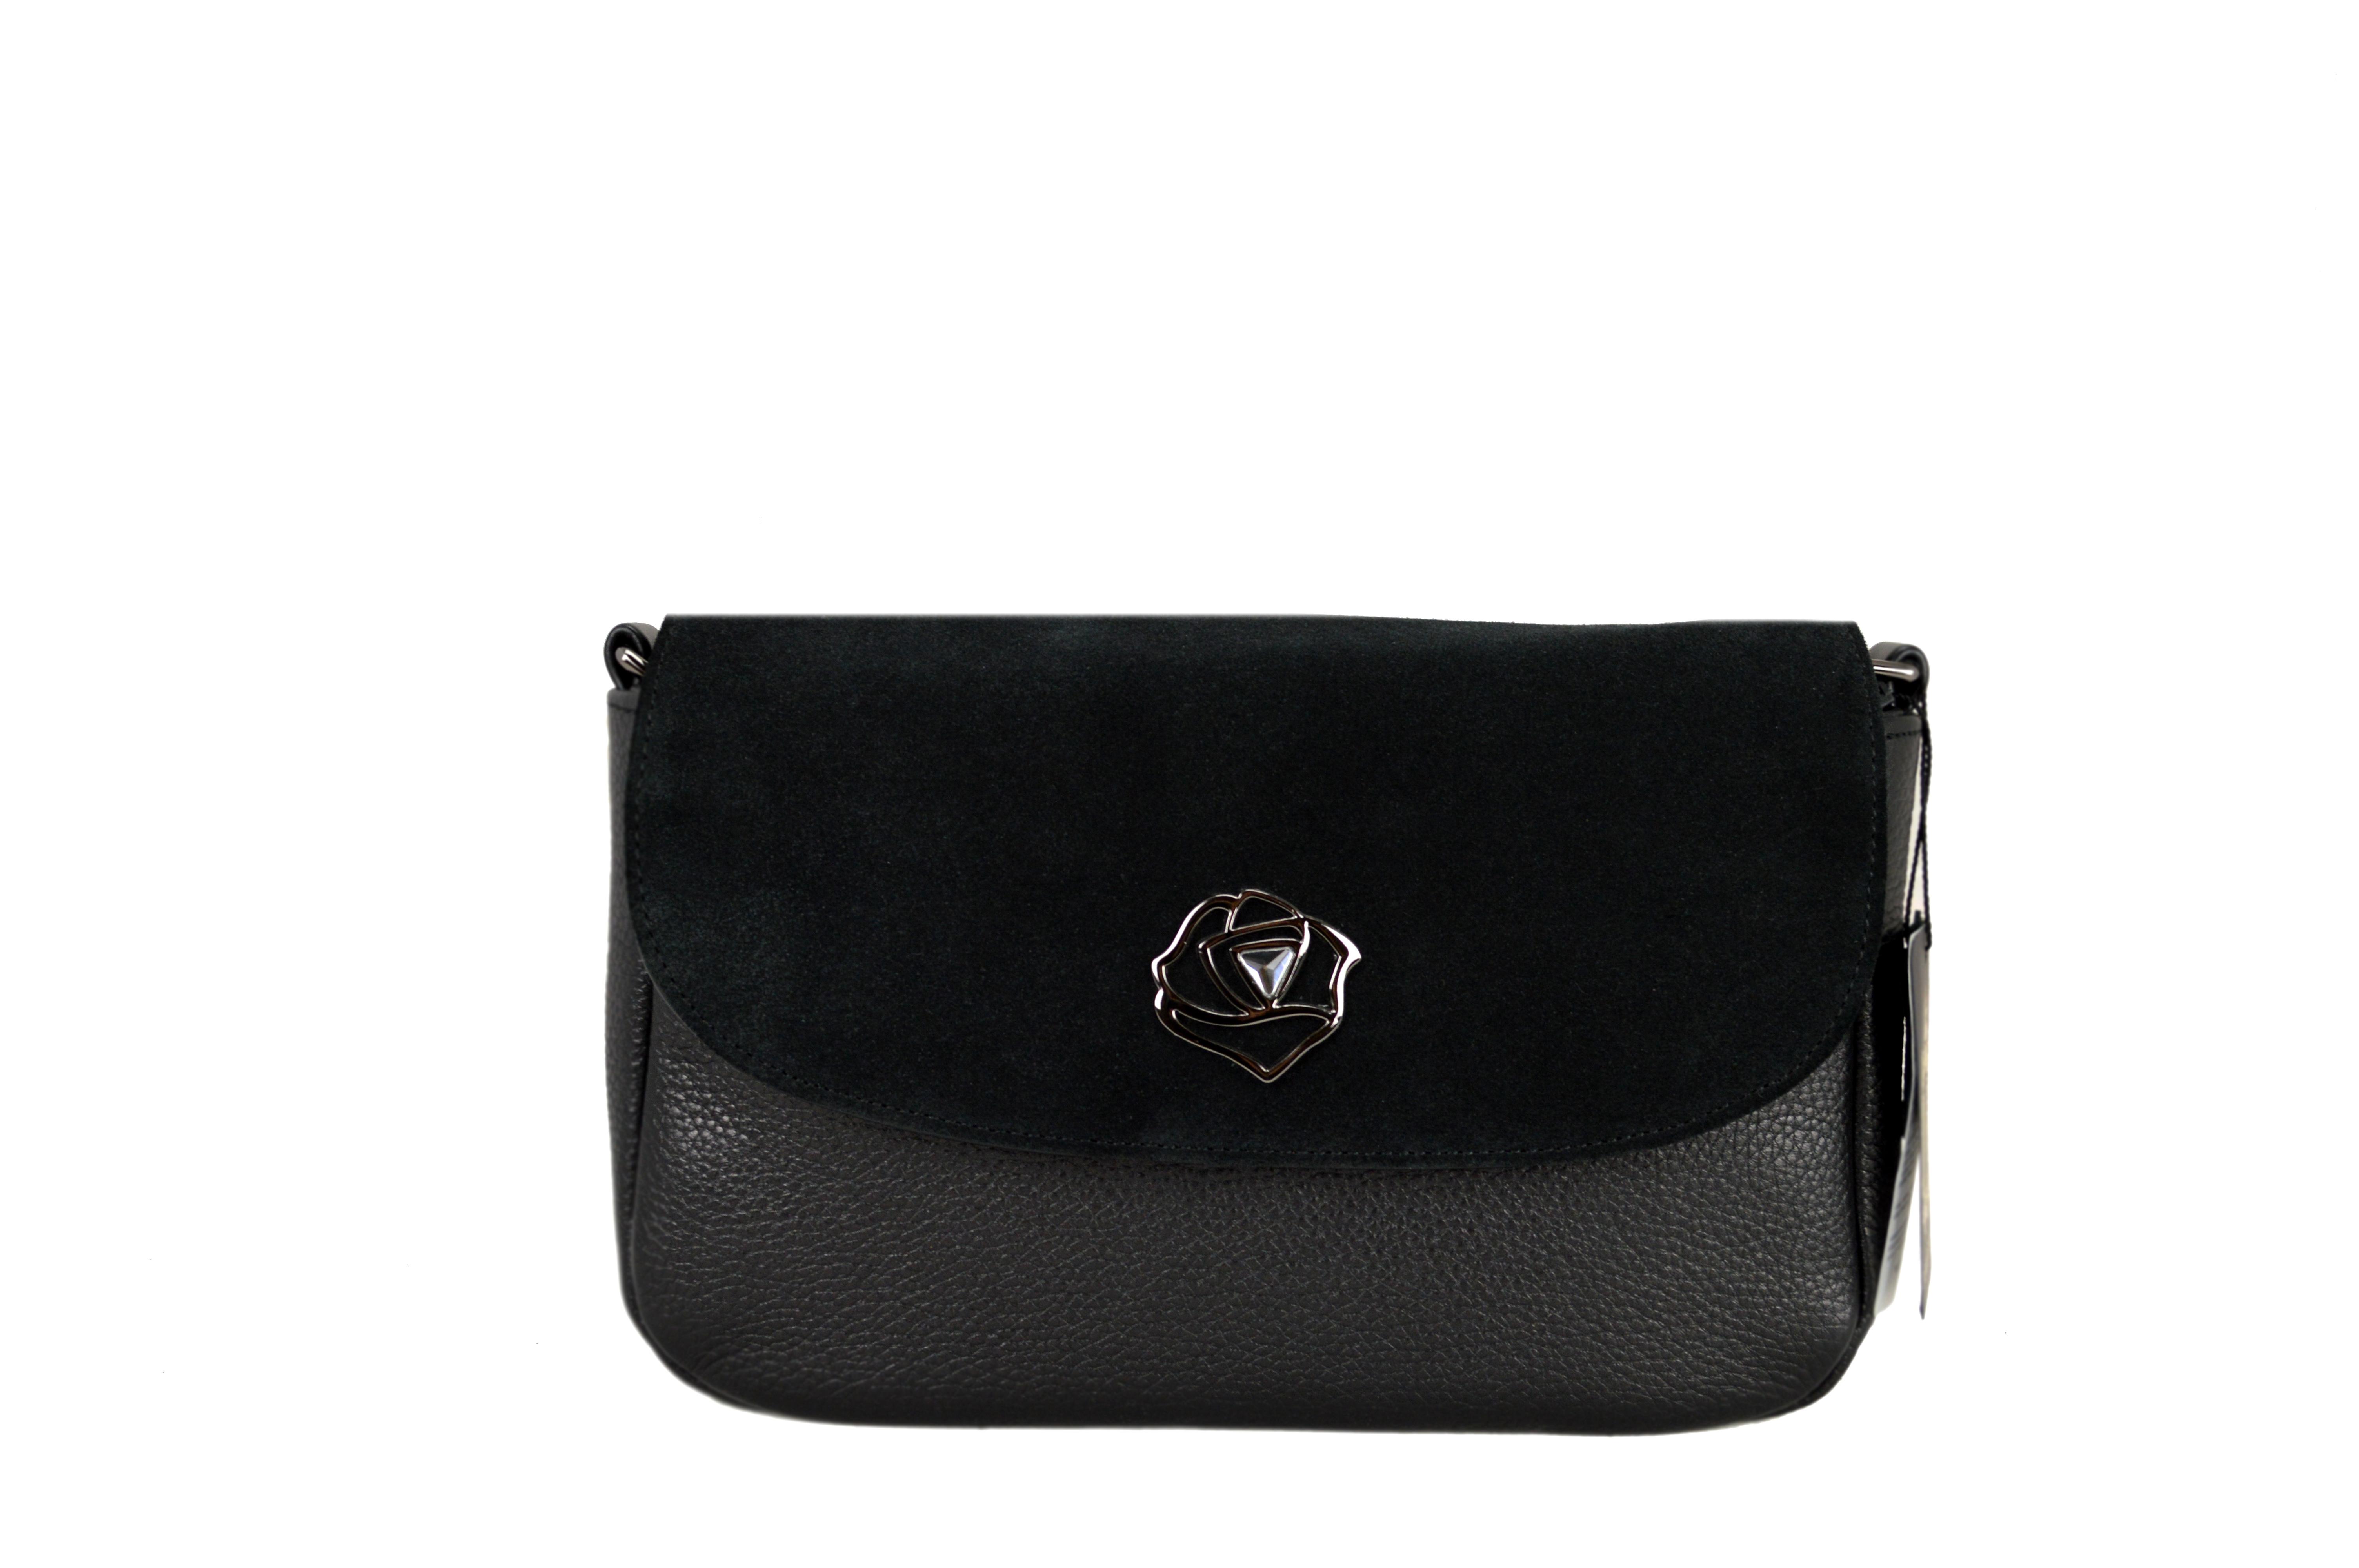 Купити EMILIA Rose   шкіряні сумки та рюкзаки в Києві  666b249d62e79